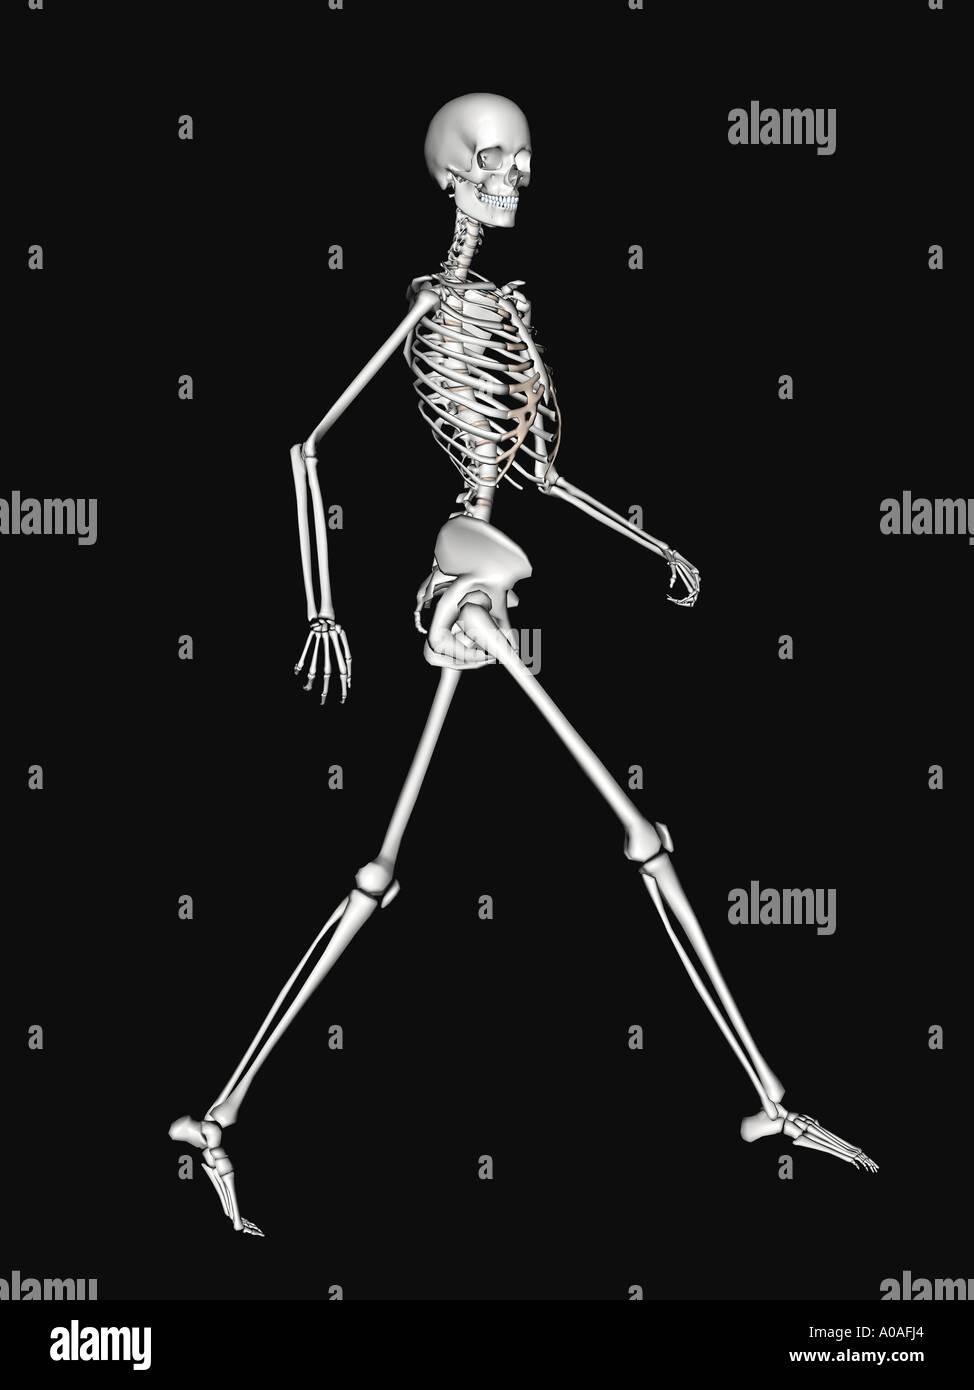 Tolle Menschliches Skelett Diagramm Mit Etiketten Ideen ...